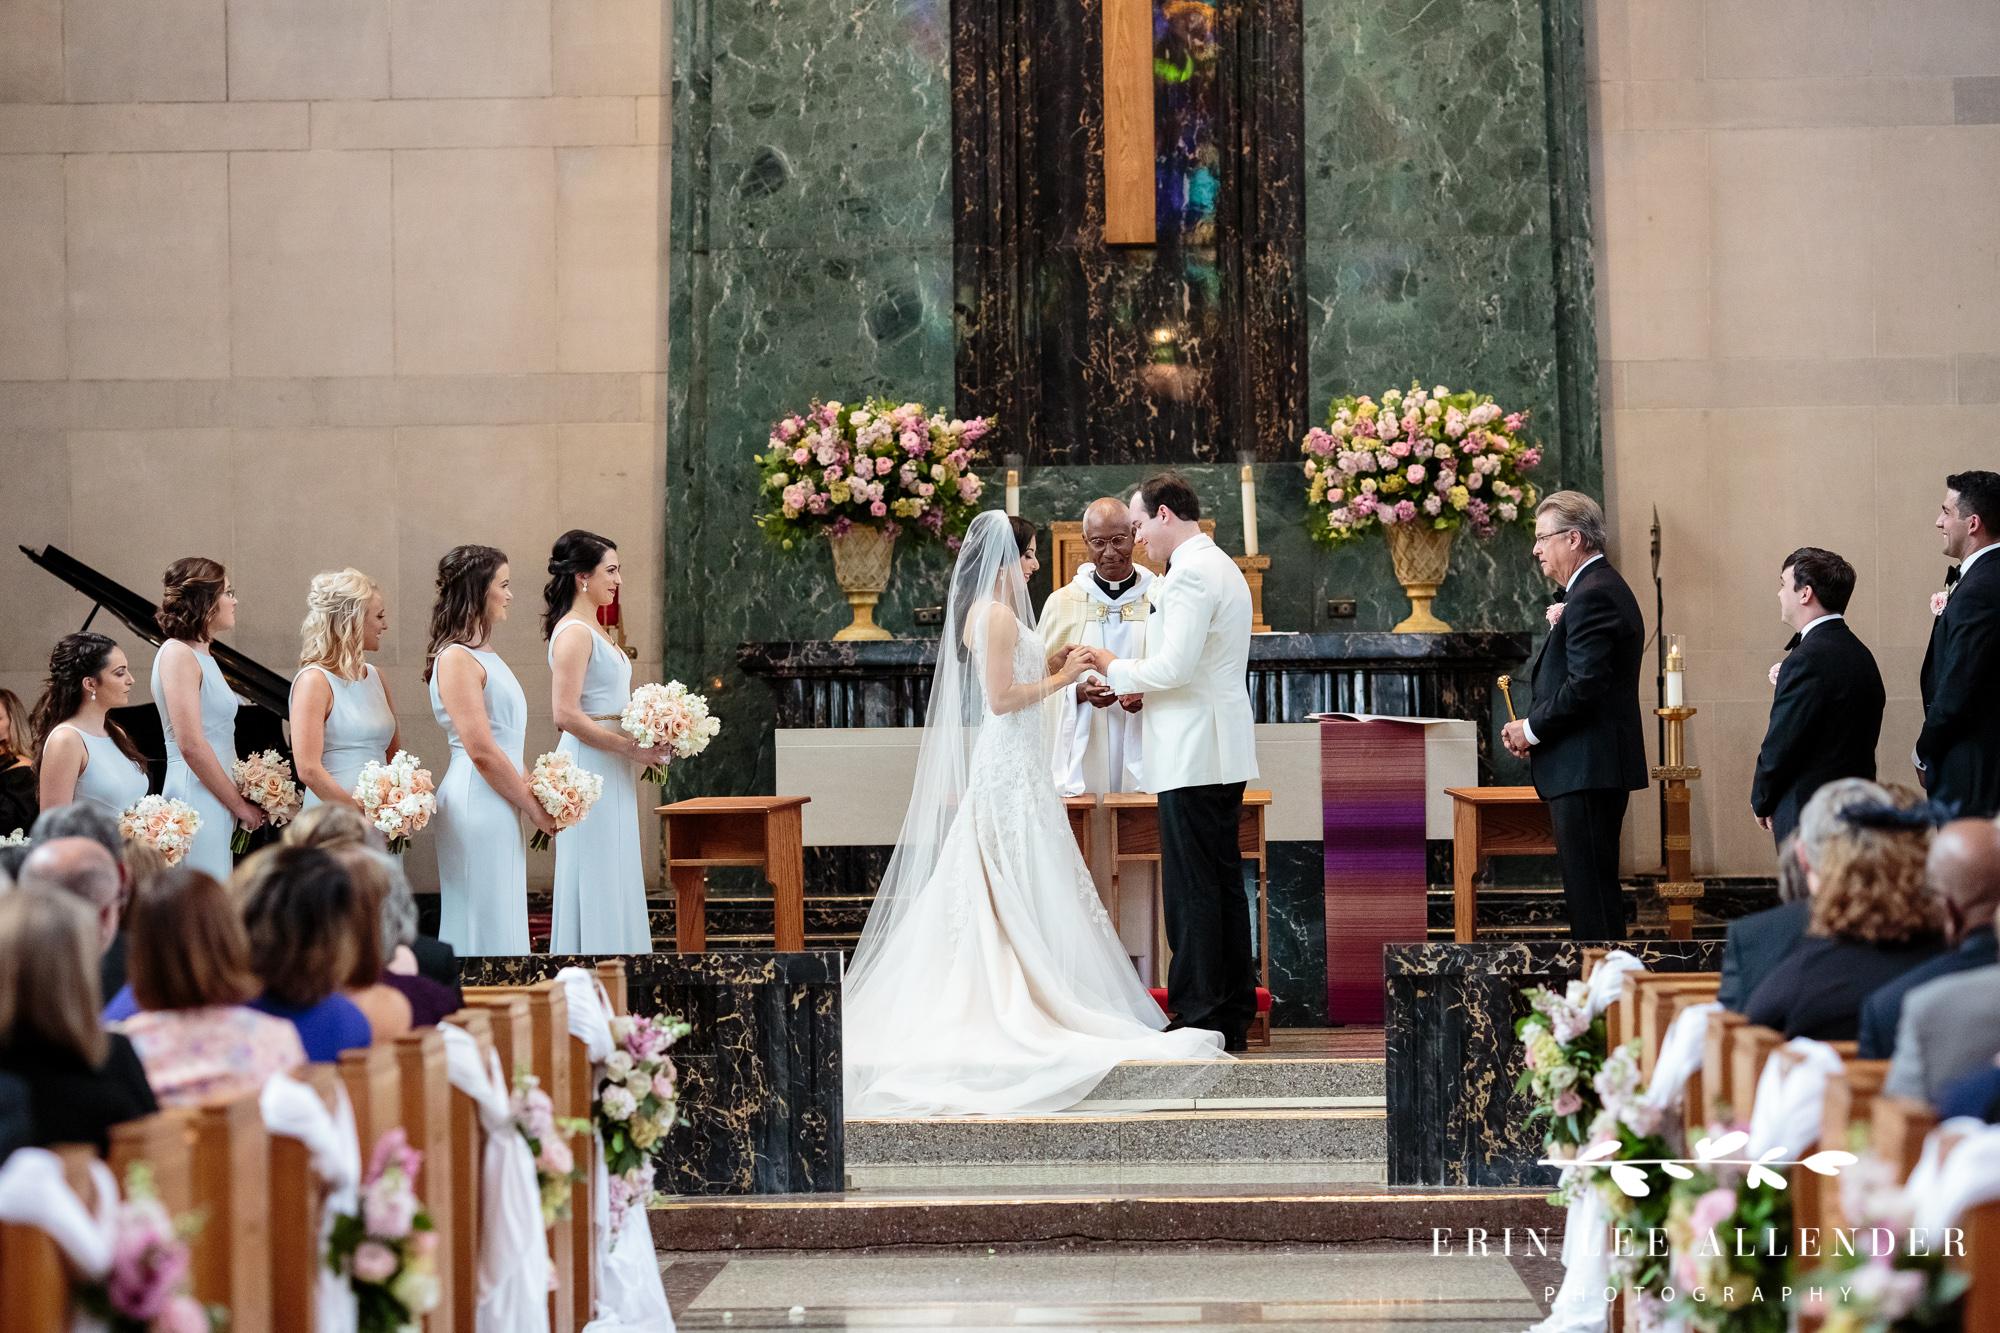 bride-groom-exchange-rings